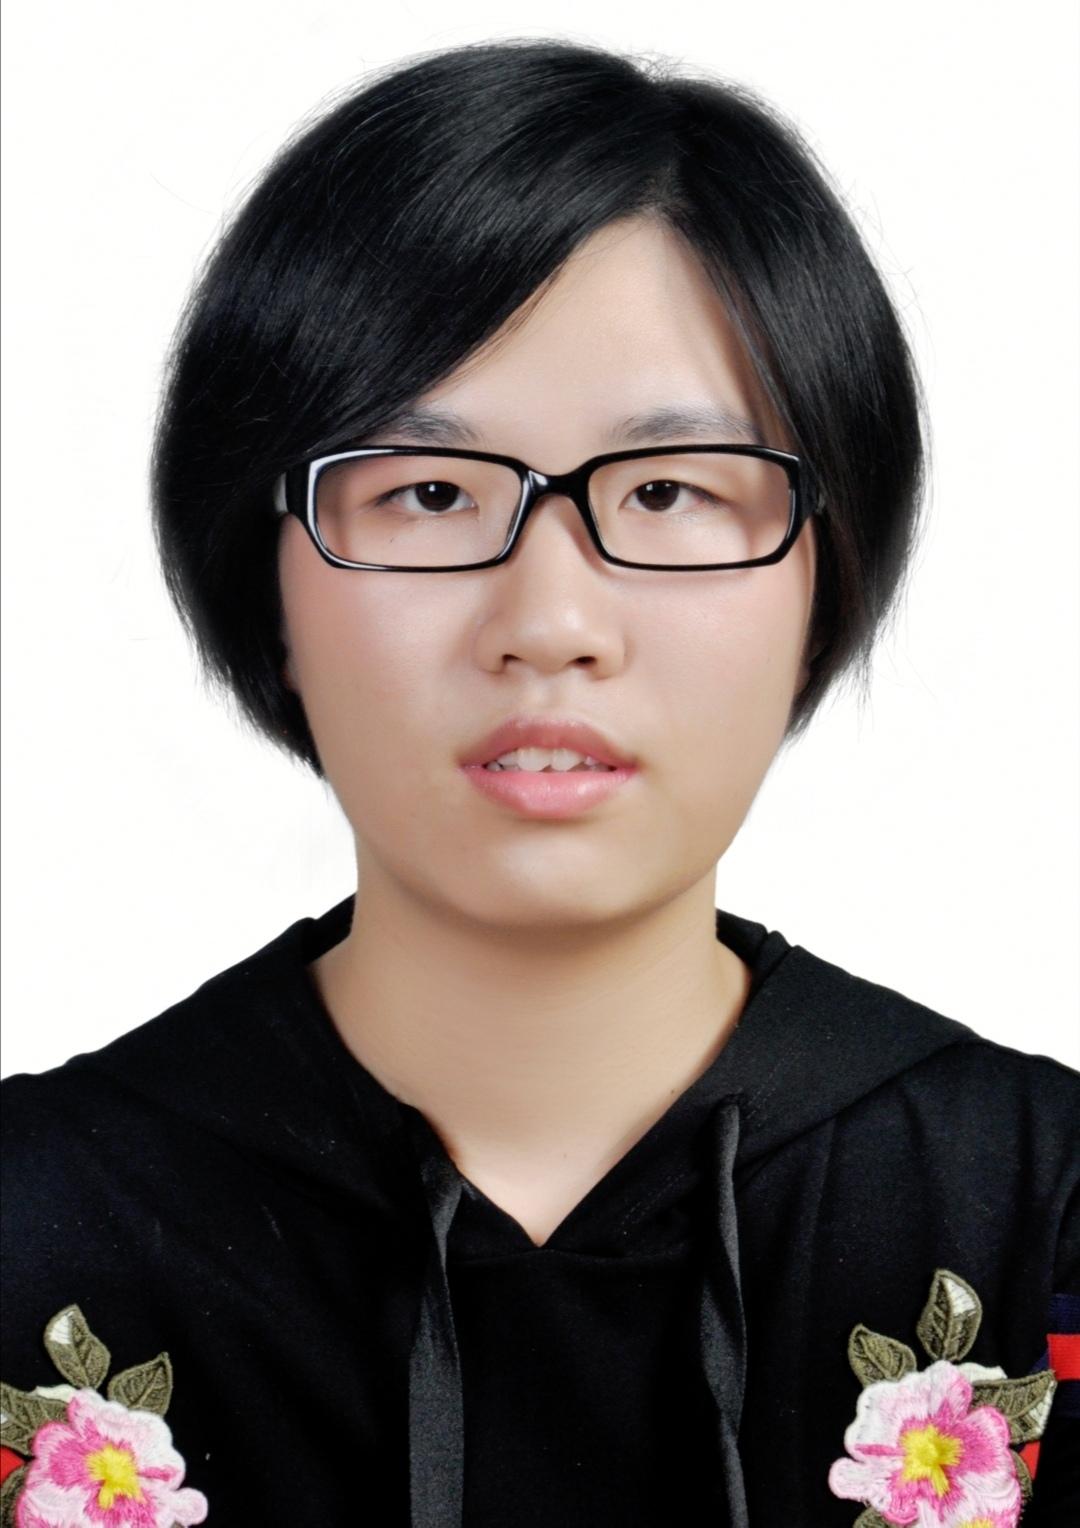 刘教员头像